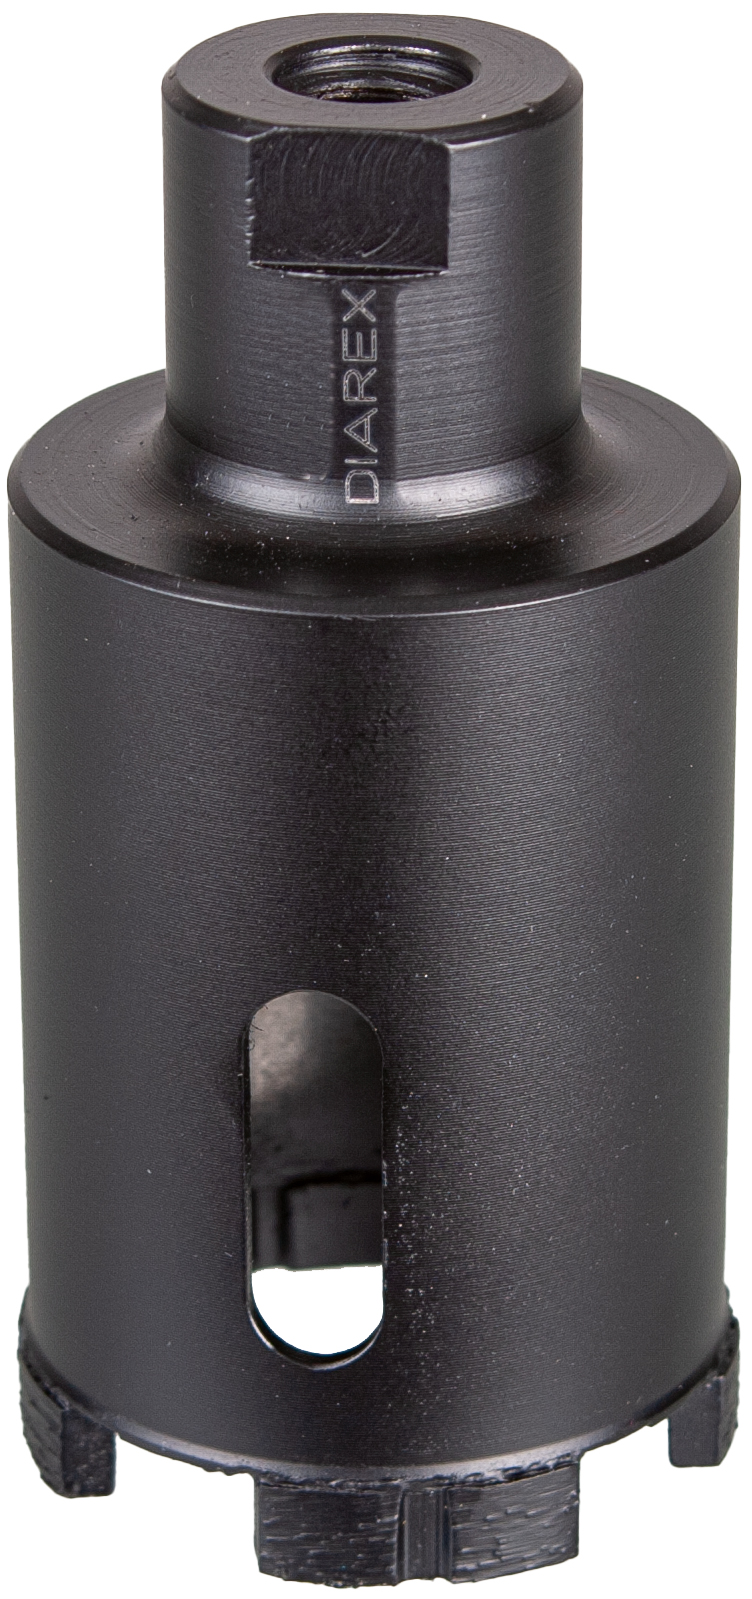 DIAREX Bohrkrone Extrem ø 45 mm | Bohrtiefe 70 mm | M14i